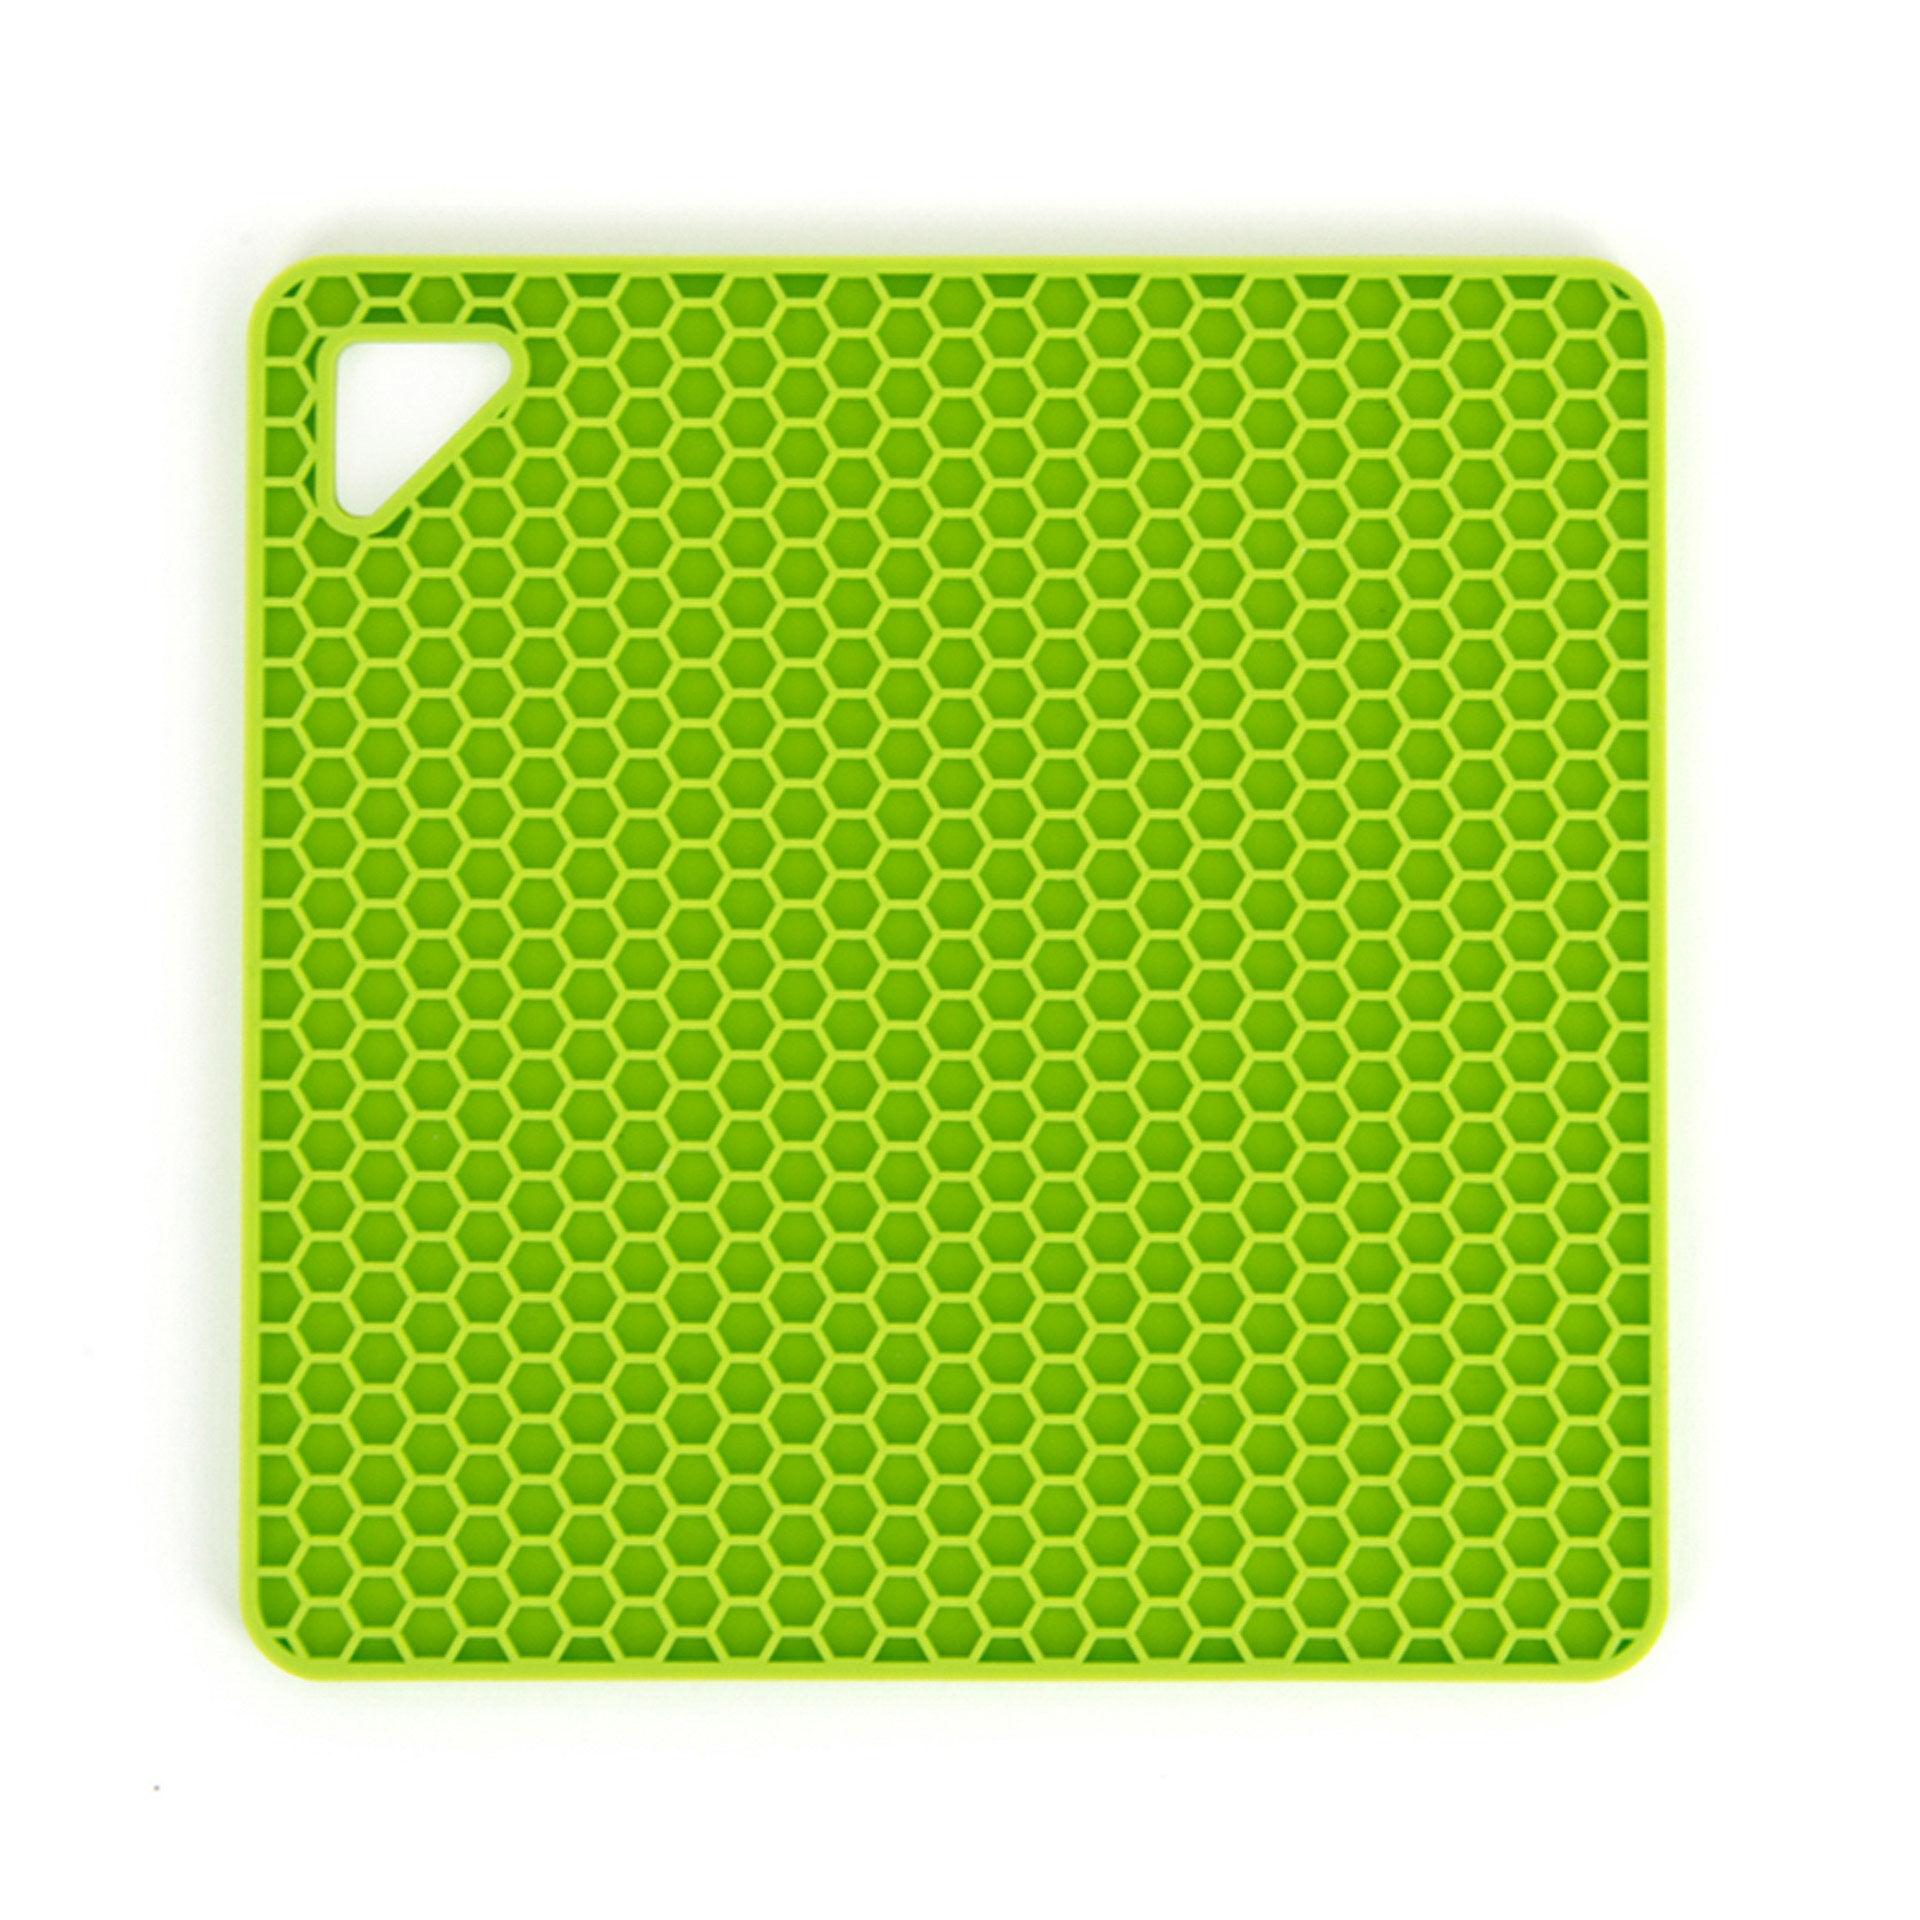 Dessous de plat manique en silicone de forme carrée, , large